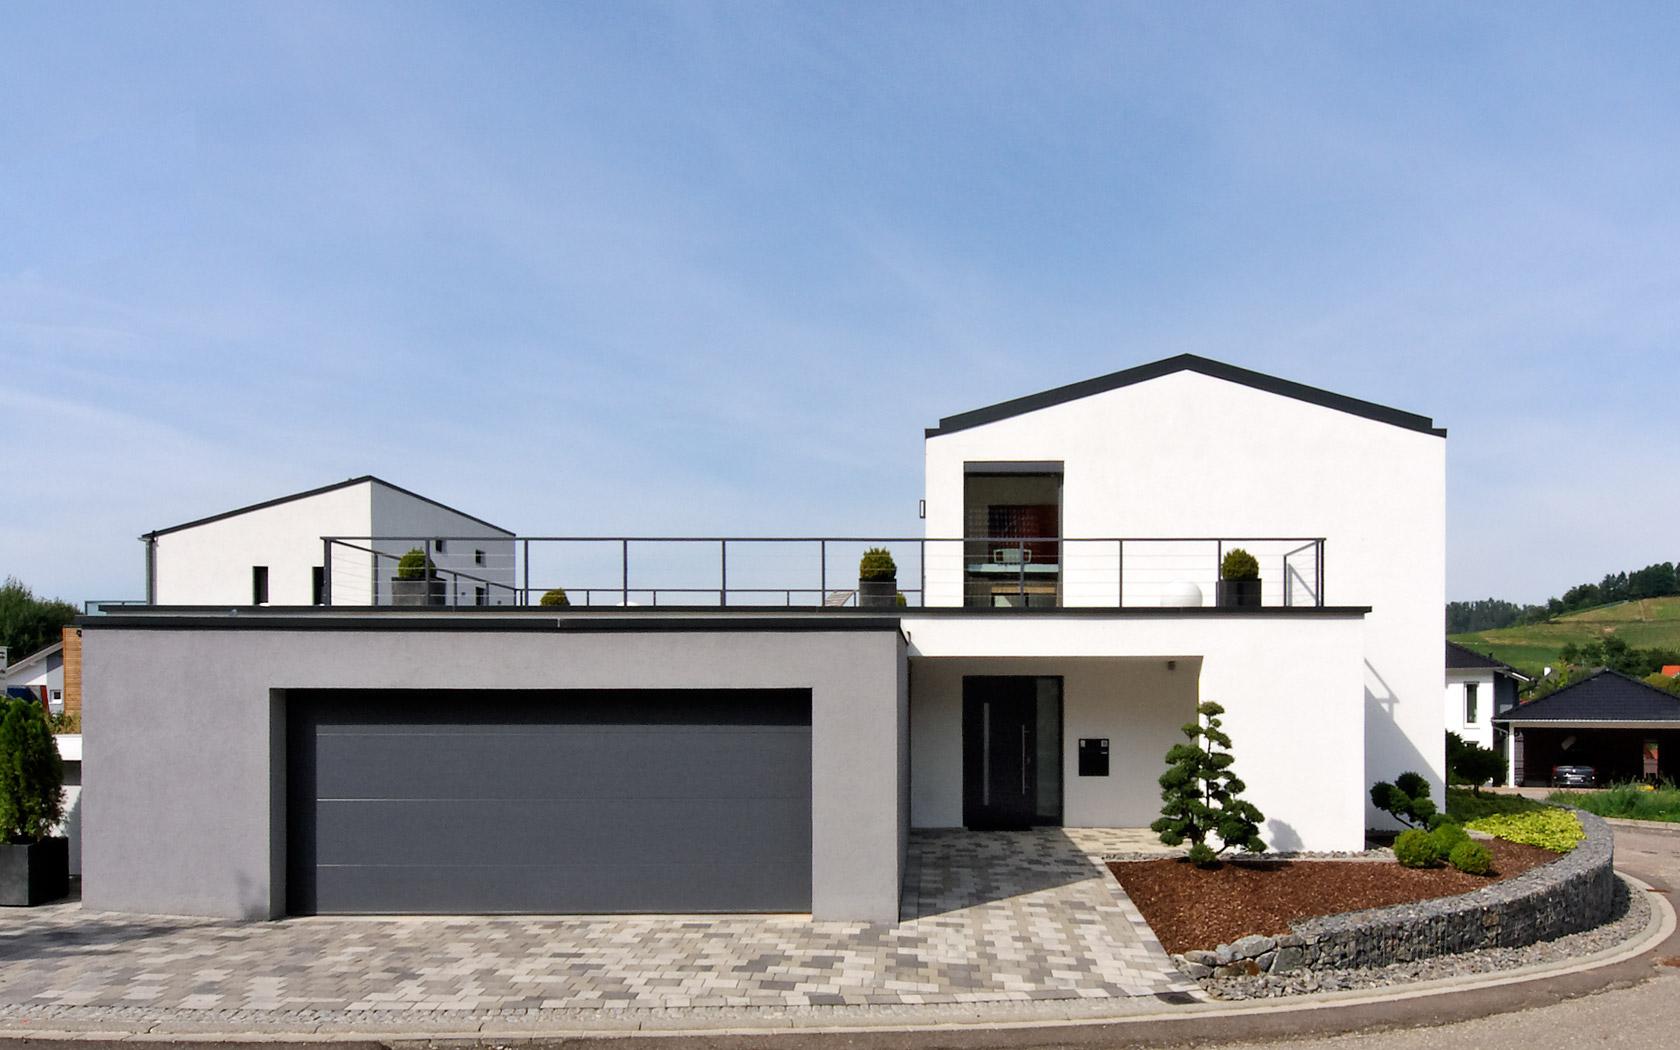 Architekten L Beck architekturbüro müller huber architektur leben